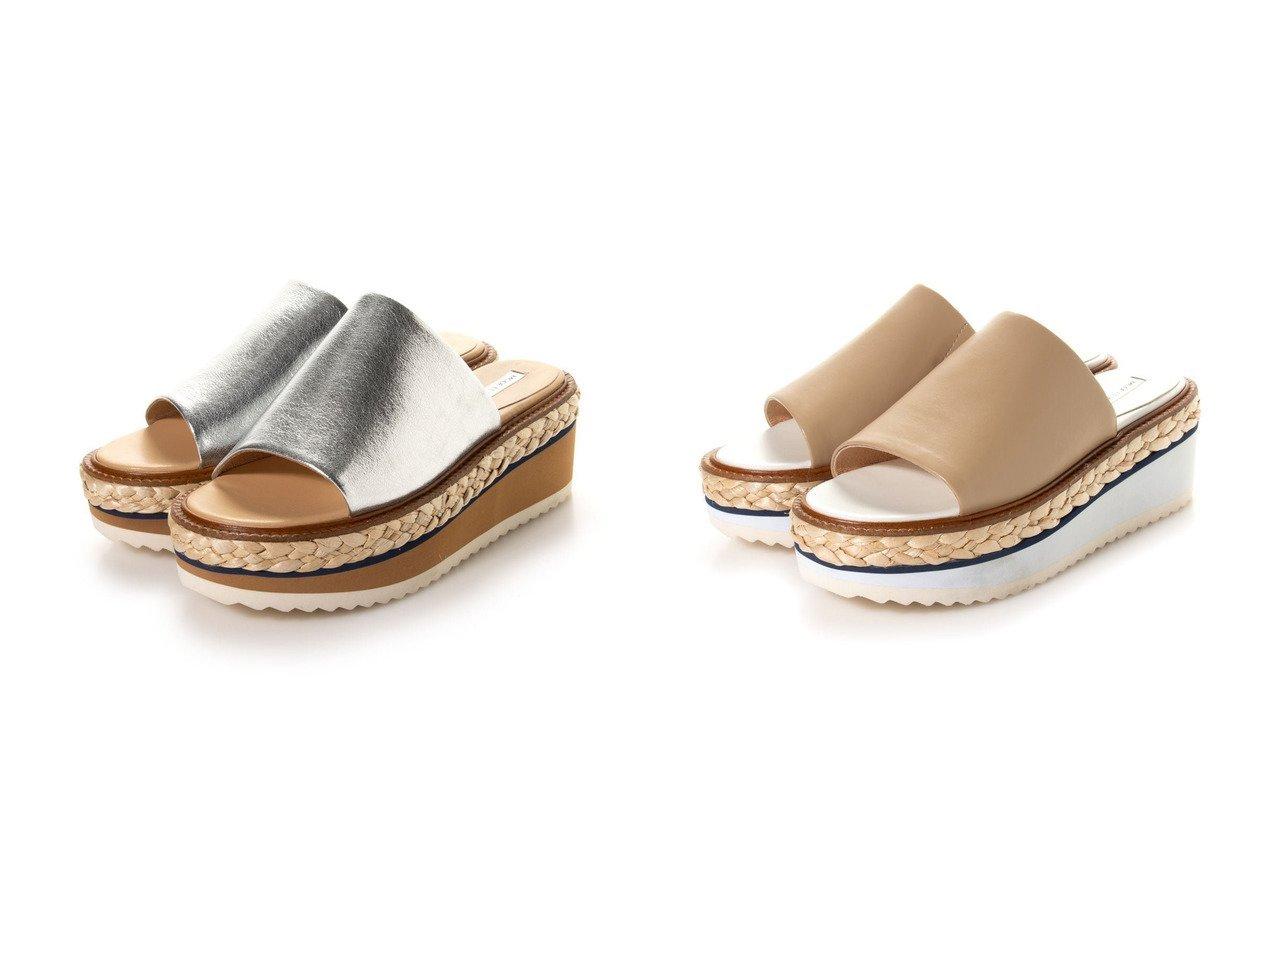 【MODE ET JACOMO/モード エ ジャコモ】の厚底ミュールサンダル シューズ・靴のおすすめ!人気、トレンド・レディースファッションの通販 おすすめで人気の流行・トレンド、ファッションの通販商品 メンズファッション・キッズファッション・インテリア・家具・レディースファッション・服の通販 founy(ファニー) https://founy.com/ ファッション Fashion レディースファッション WOMEN 2020年 2020 2020 春夏 S/S SS Spring/Summer 2020 S/S 春夏 SS Spring/Summer フォルム 厚底 春 Spring |ID:crp329100000023923